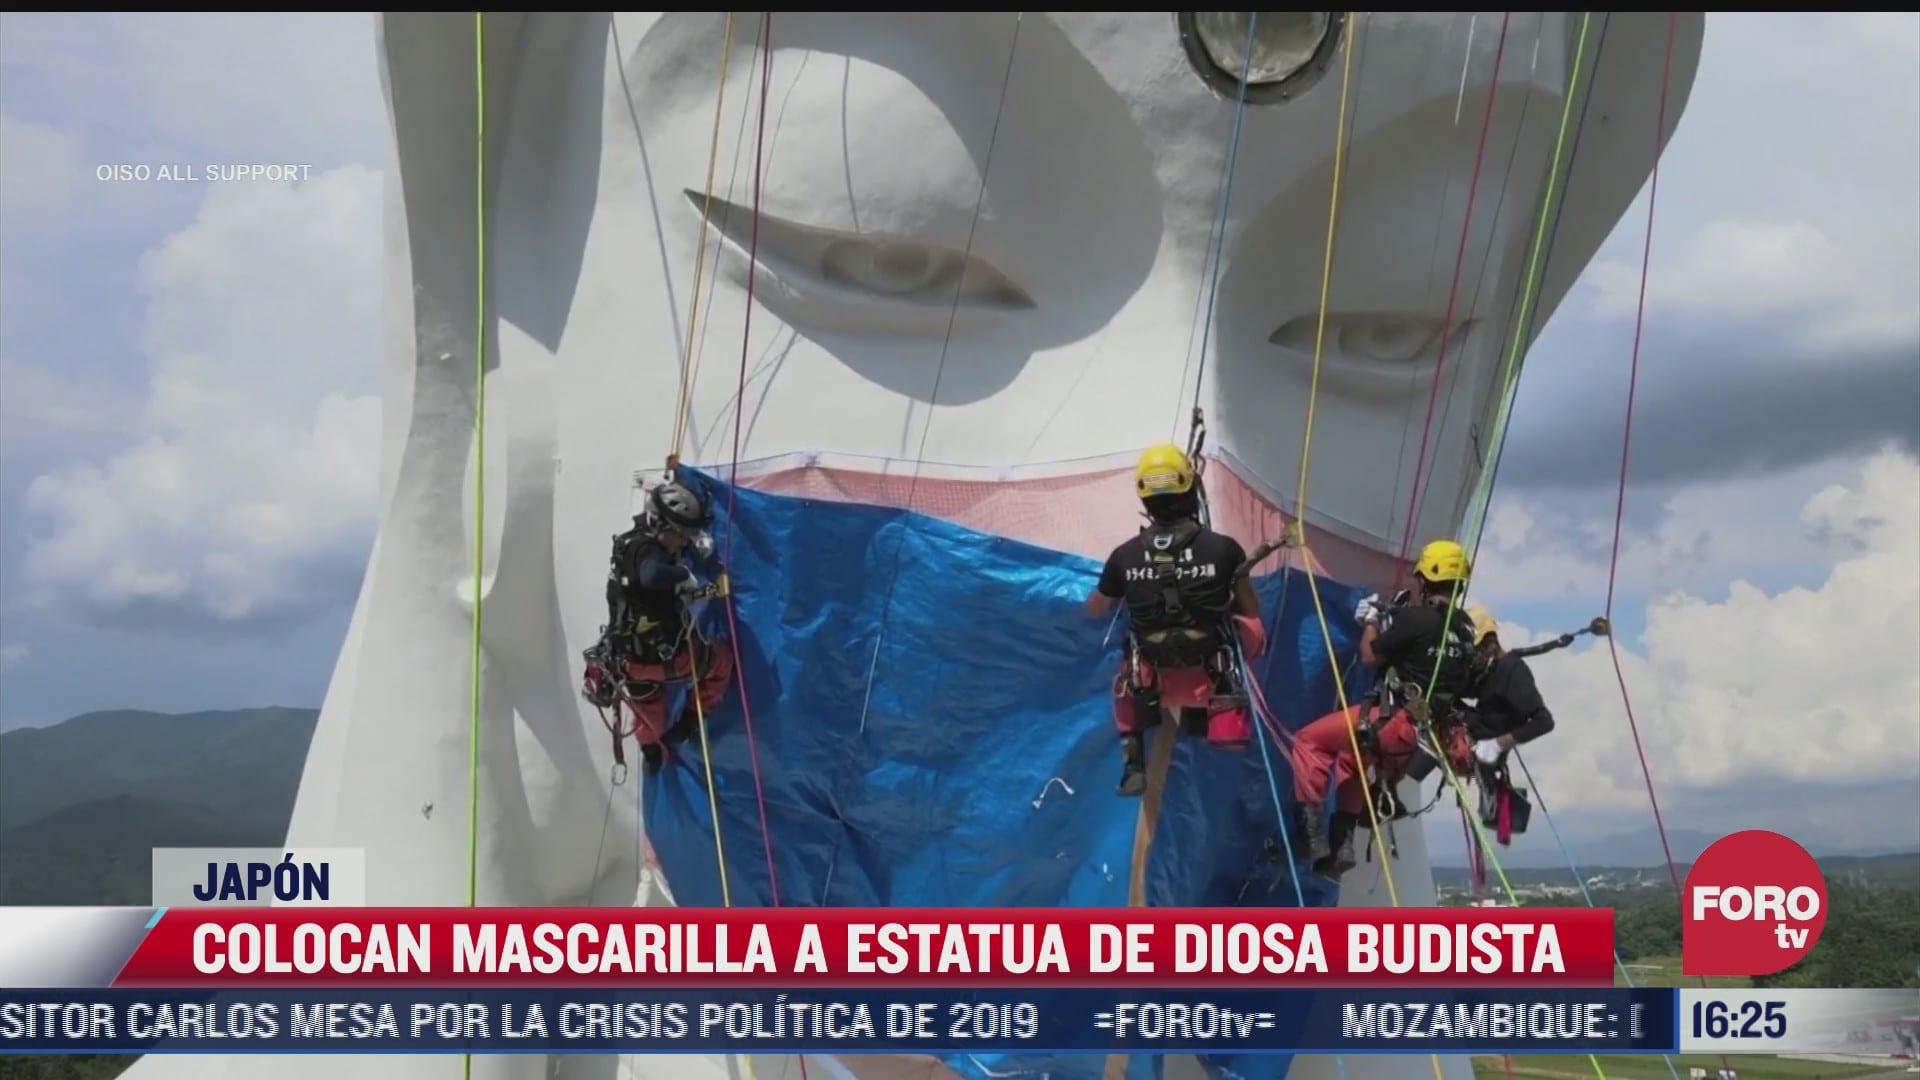 colocan cubrebocas a estatua de diosa budista en japon